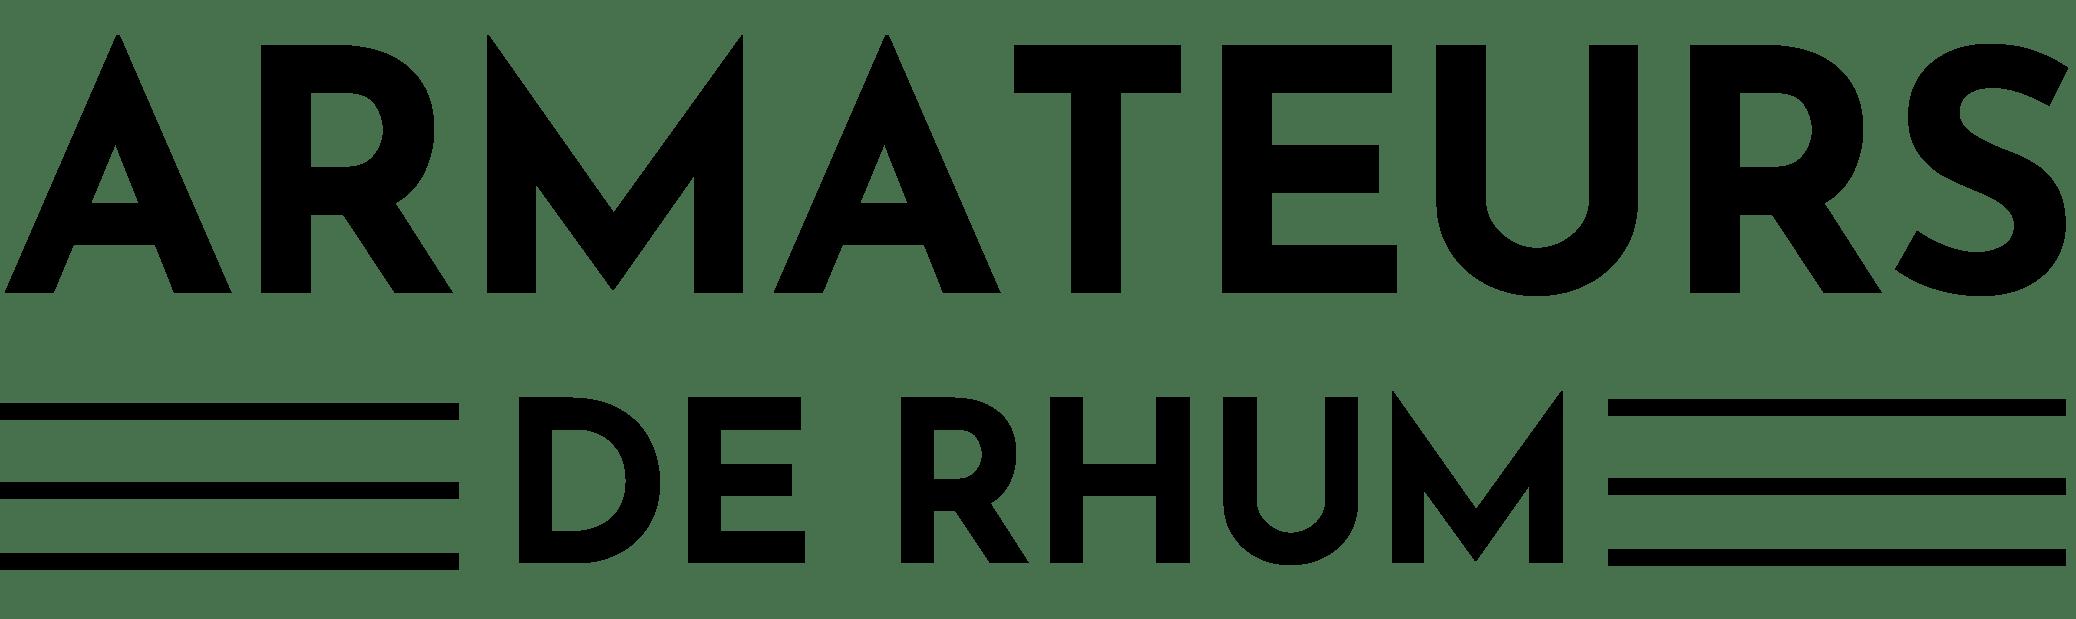 Armateurs de Rhum